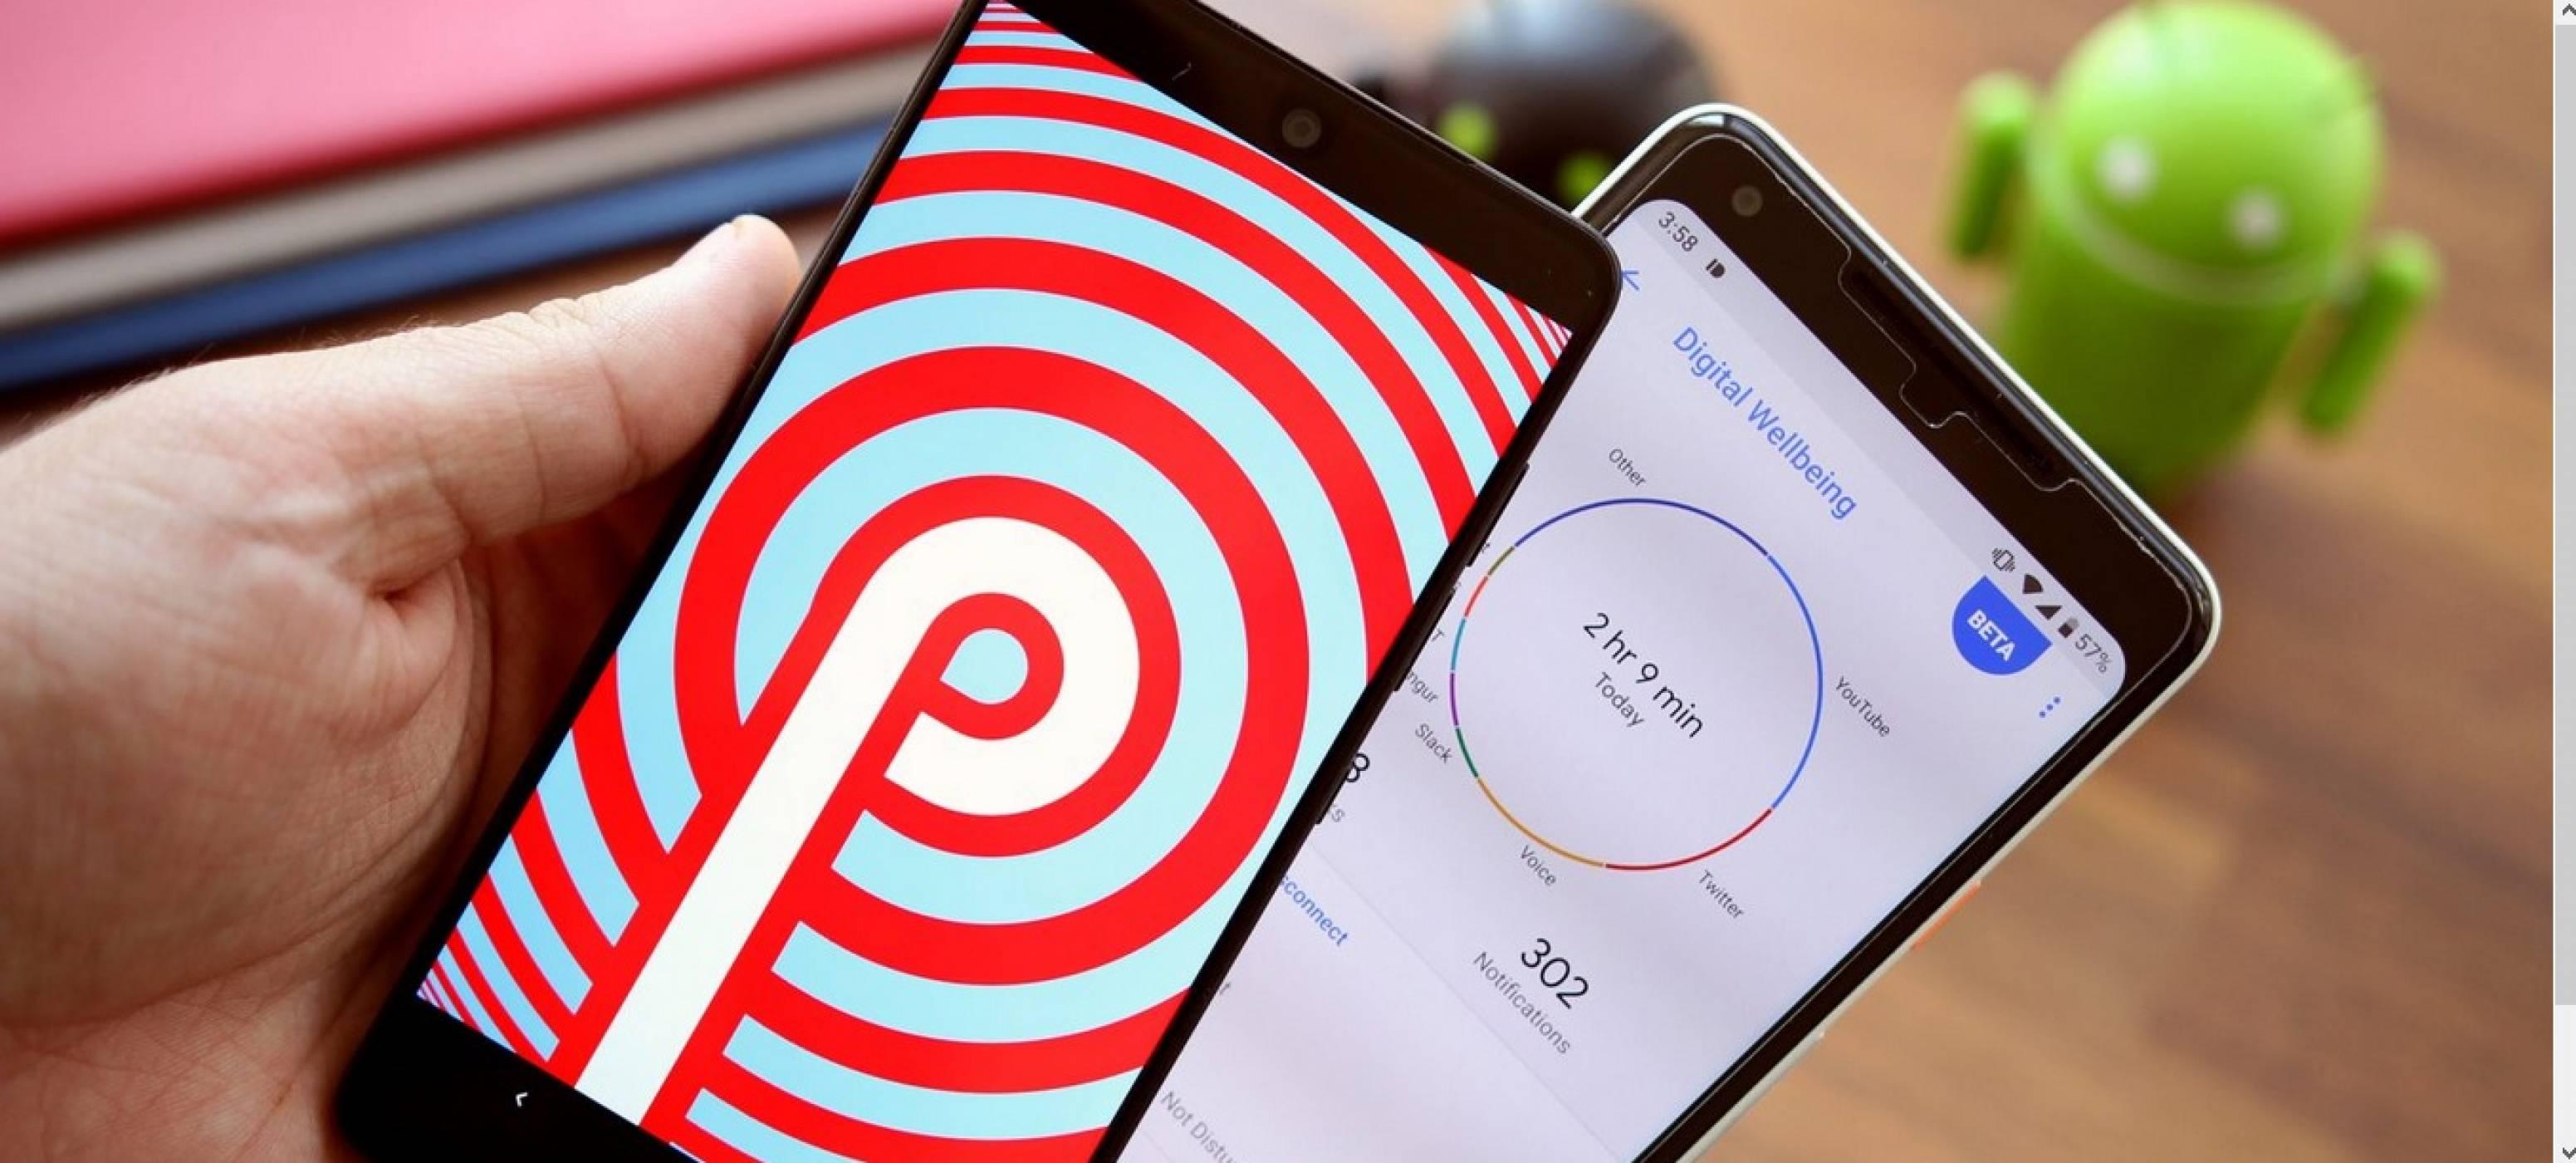 Кой Android владее Android пазара?